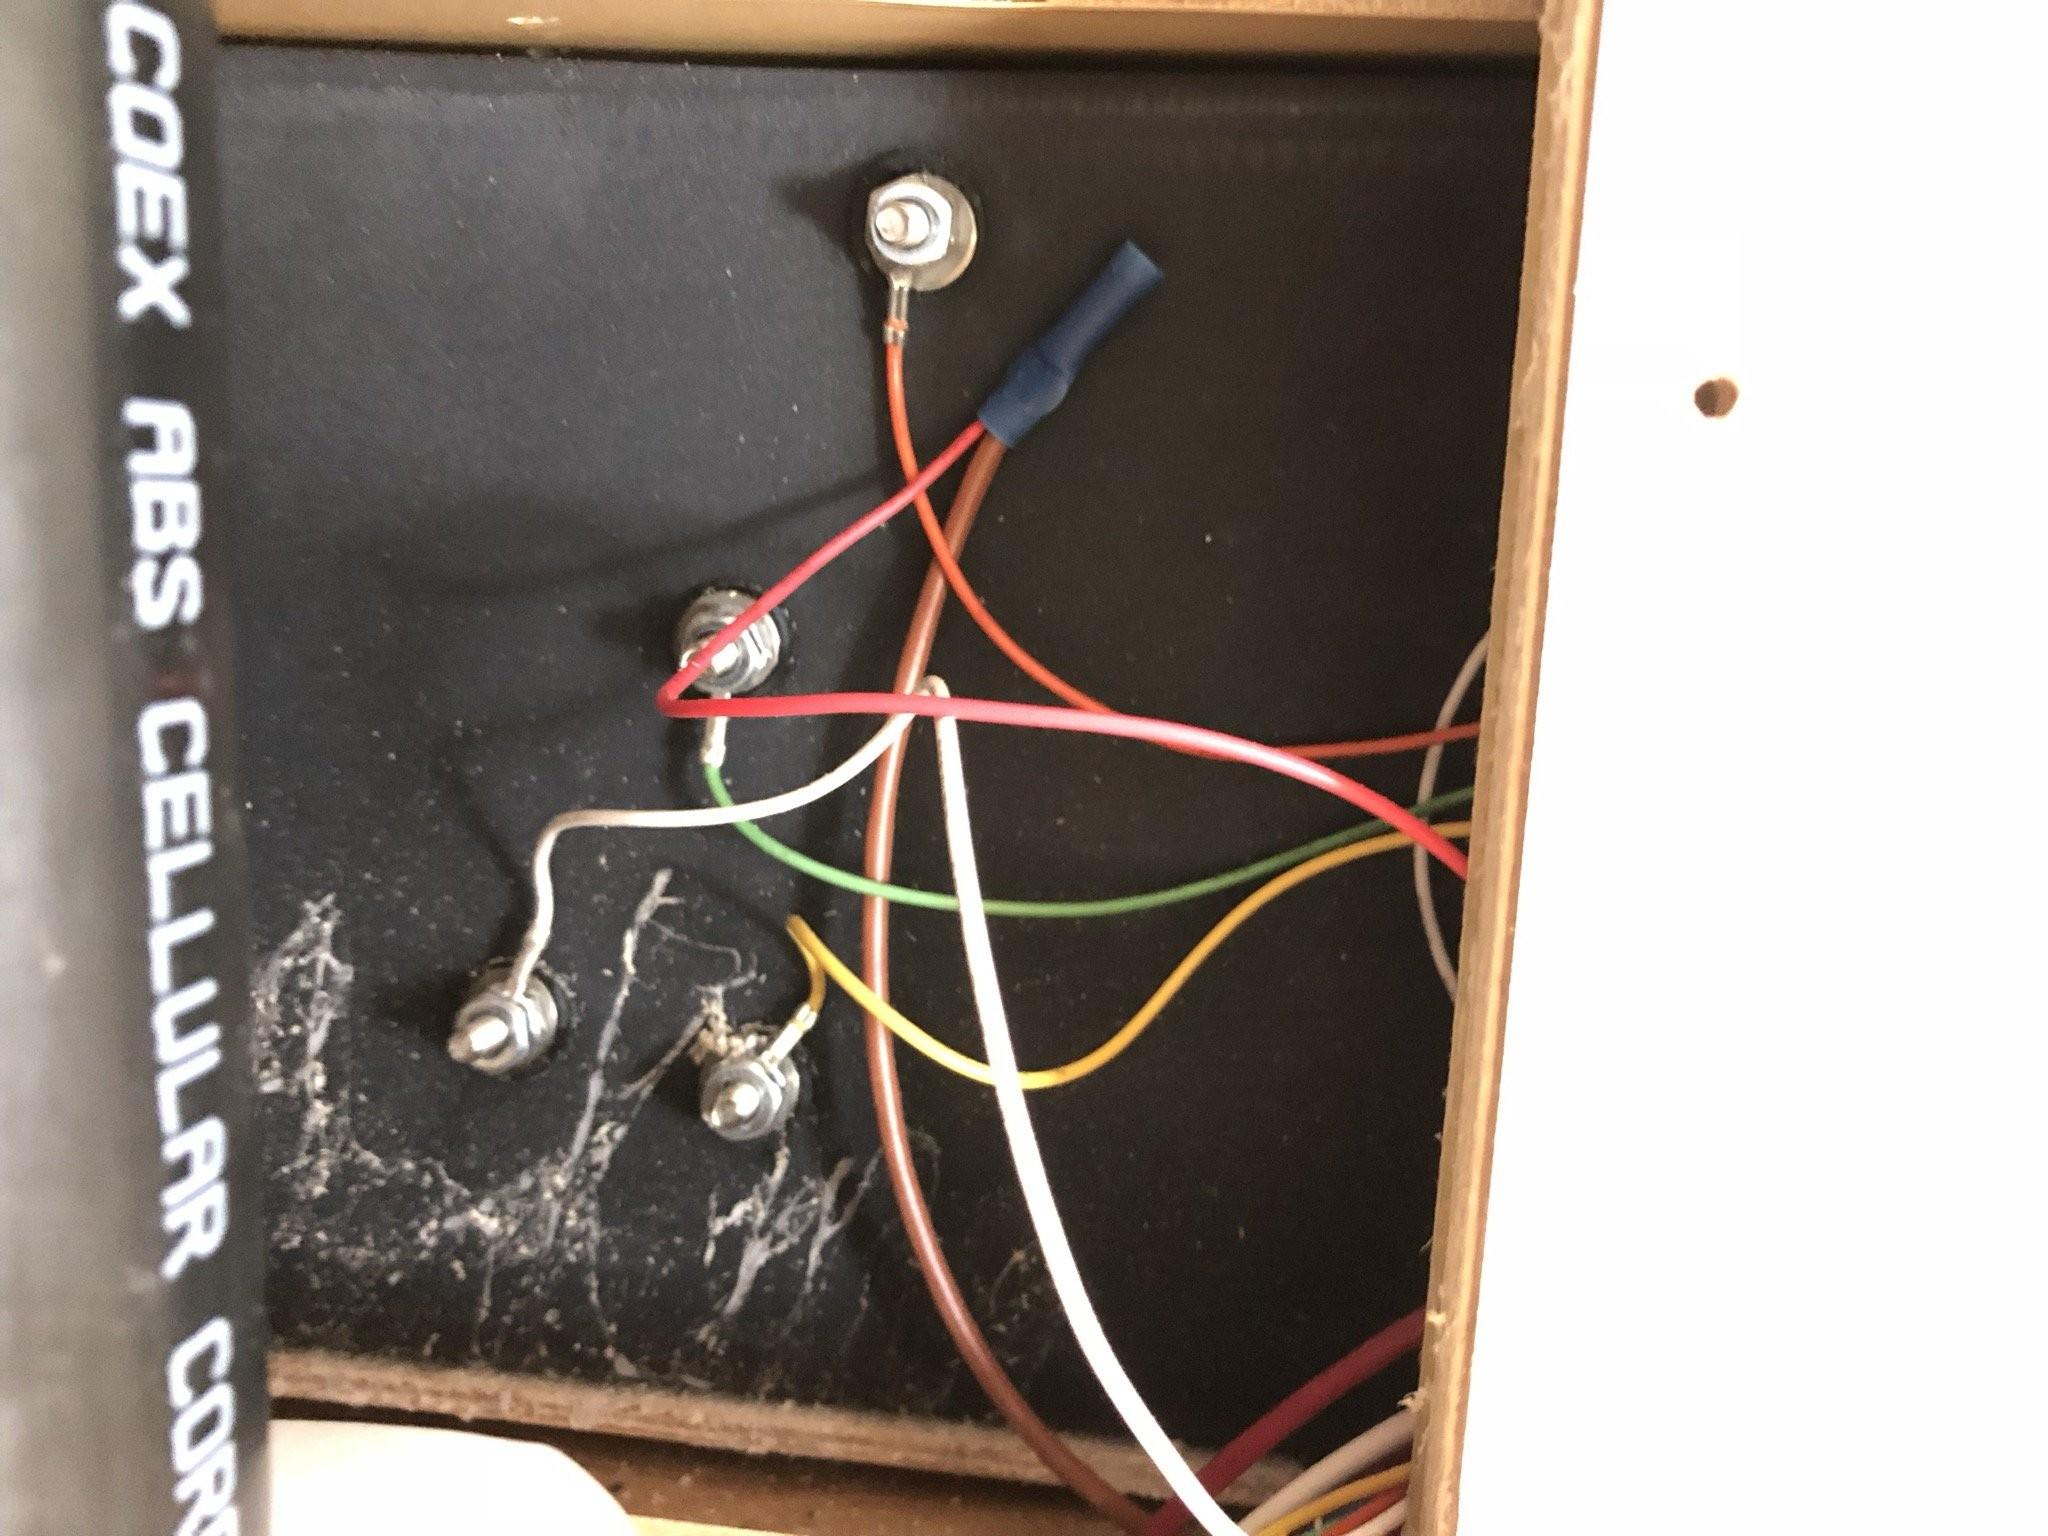 Kib Systems Monitor Panel Installation Kib Systems Monitor Vs Seelevel Ii Of Kib Systems Monitor Panel Installation